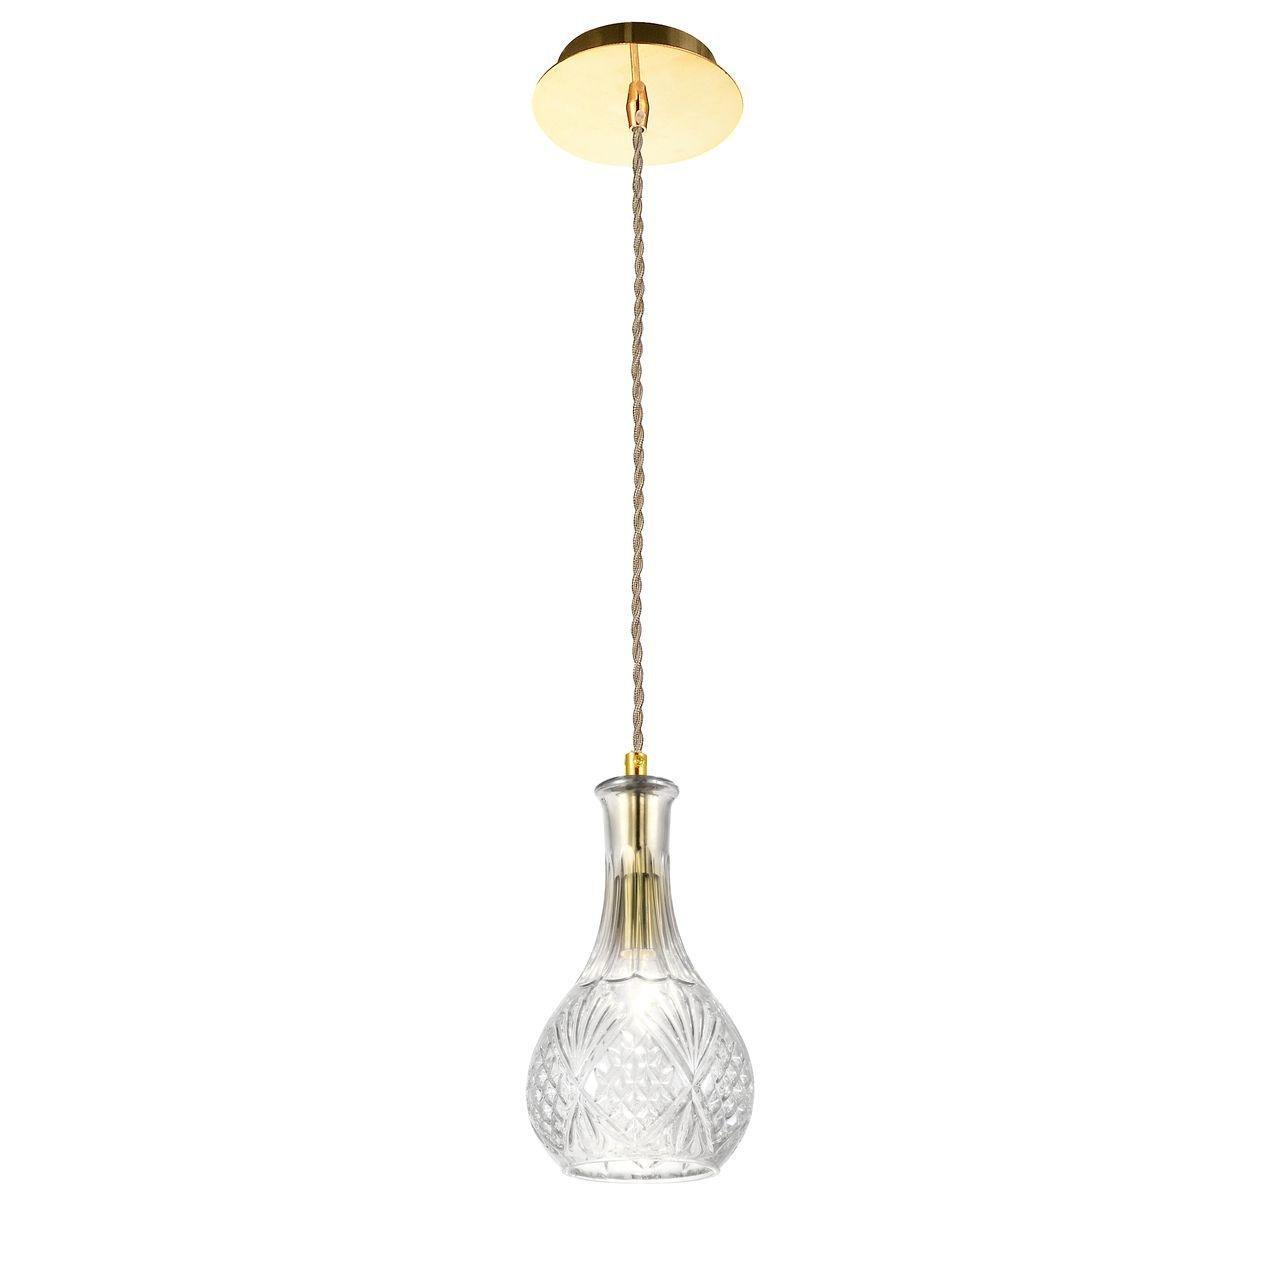 Купить Подвесной светильник Favourite Bottle -P в интернет магазине дизайнерской мебели и аксессуаров для дома и дачи